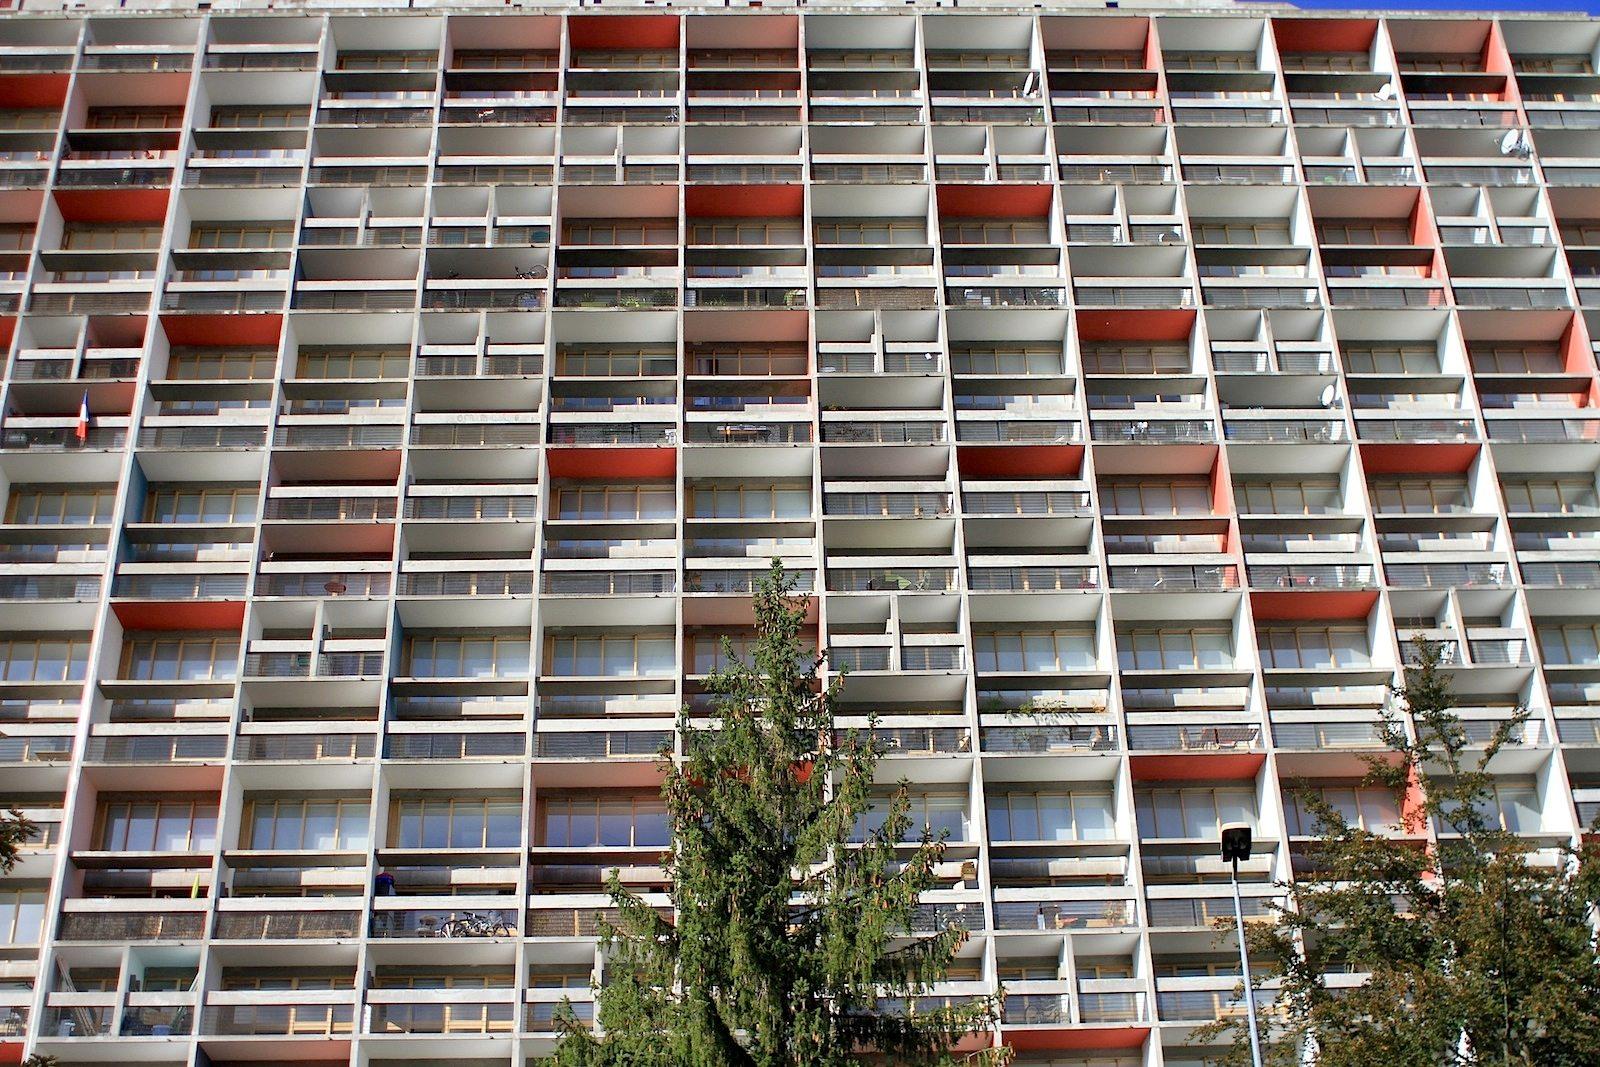 """Unité d'Habitation. Le Corbusiers Farbenlehre als Teil der Architektur. Seine Strategien der Farbgestaltung geben der """"Wohnmaschine"""" eine fünfte Dimension."""